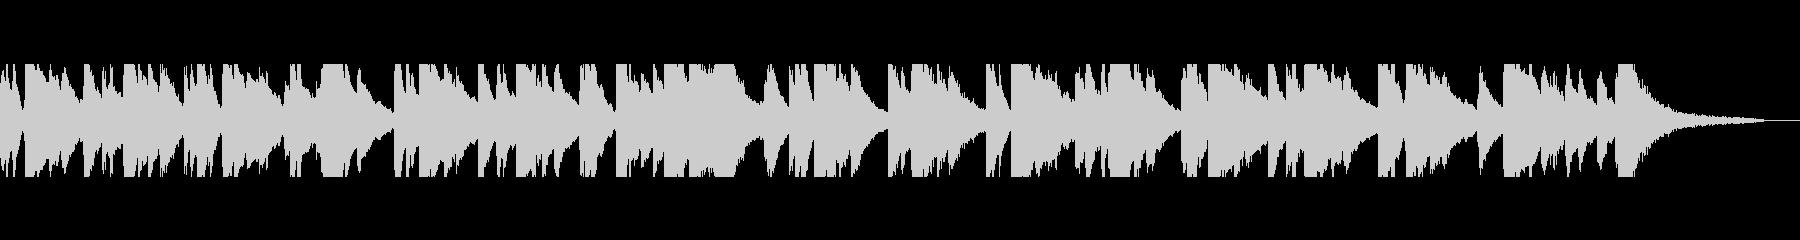 感動 癒し ピアノのアメイジンググレイスの未再生の波形